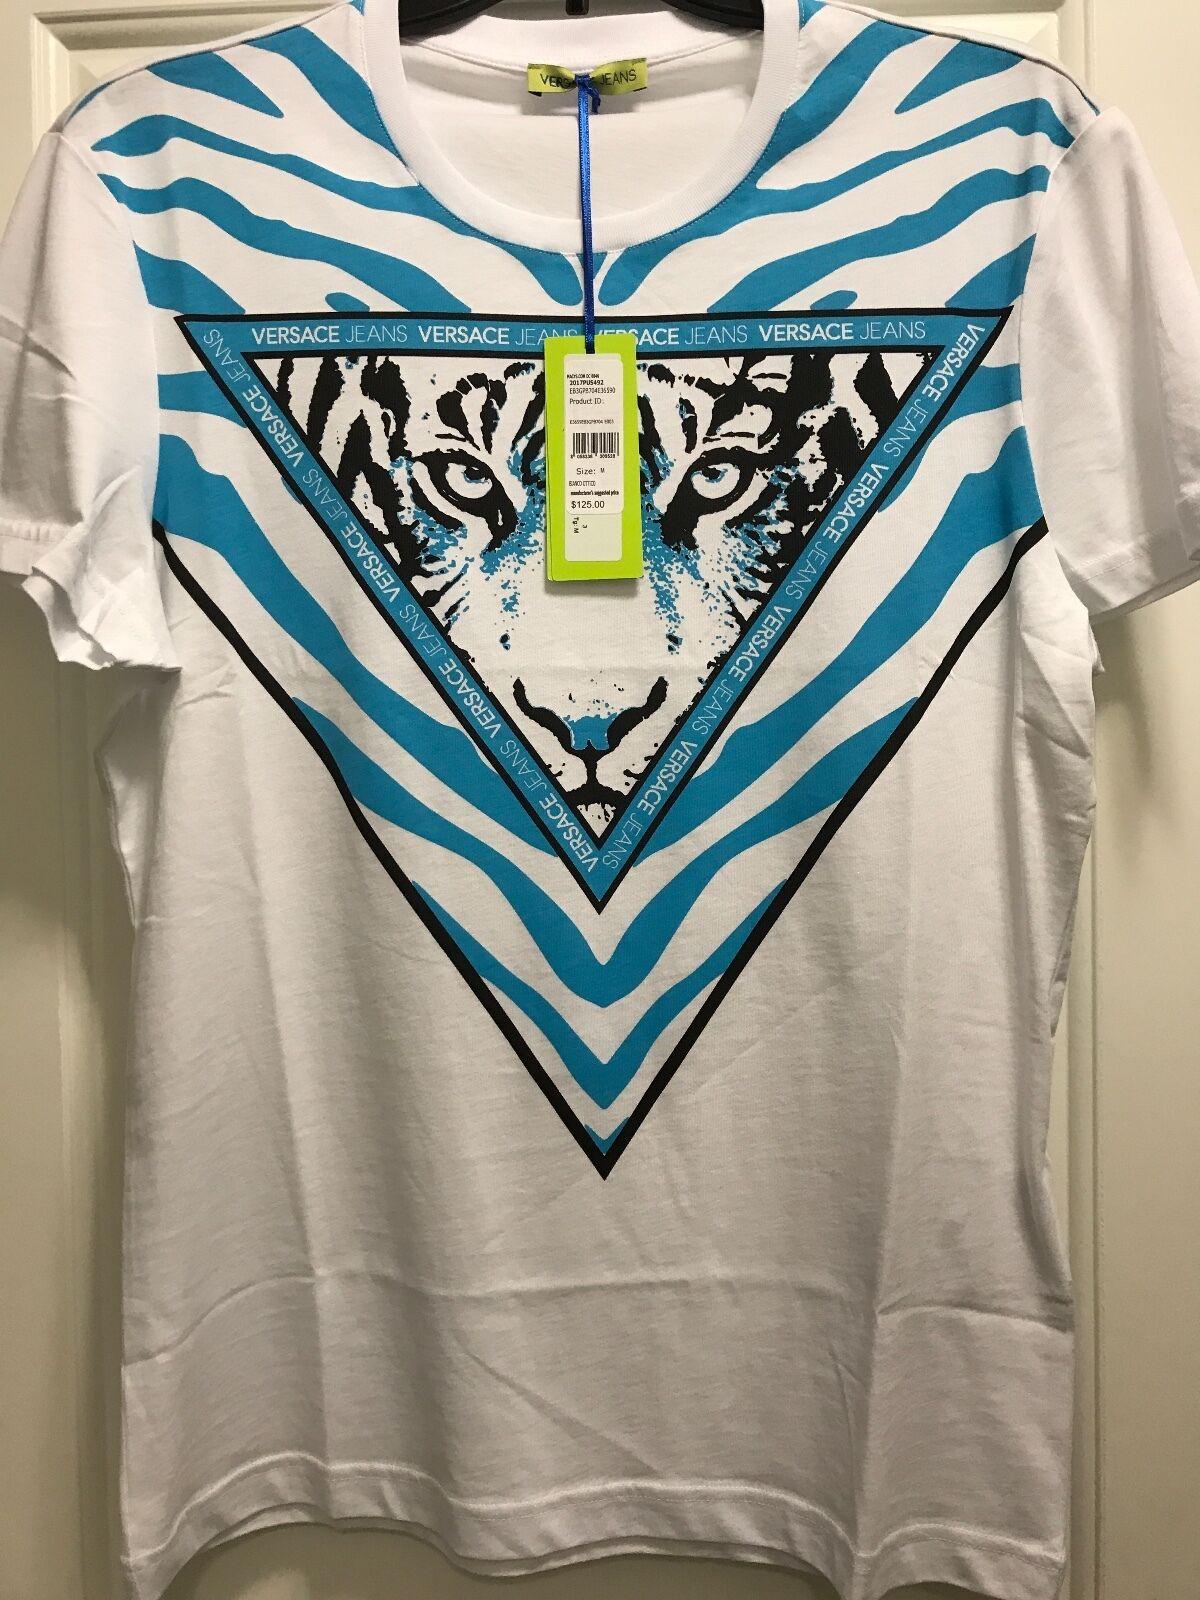 Authentic versace jeans t-shirt,Größe Large,96% cotton